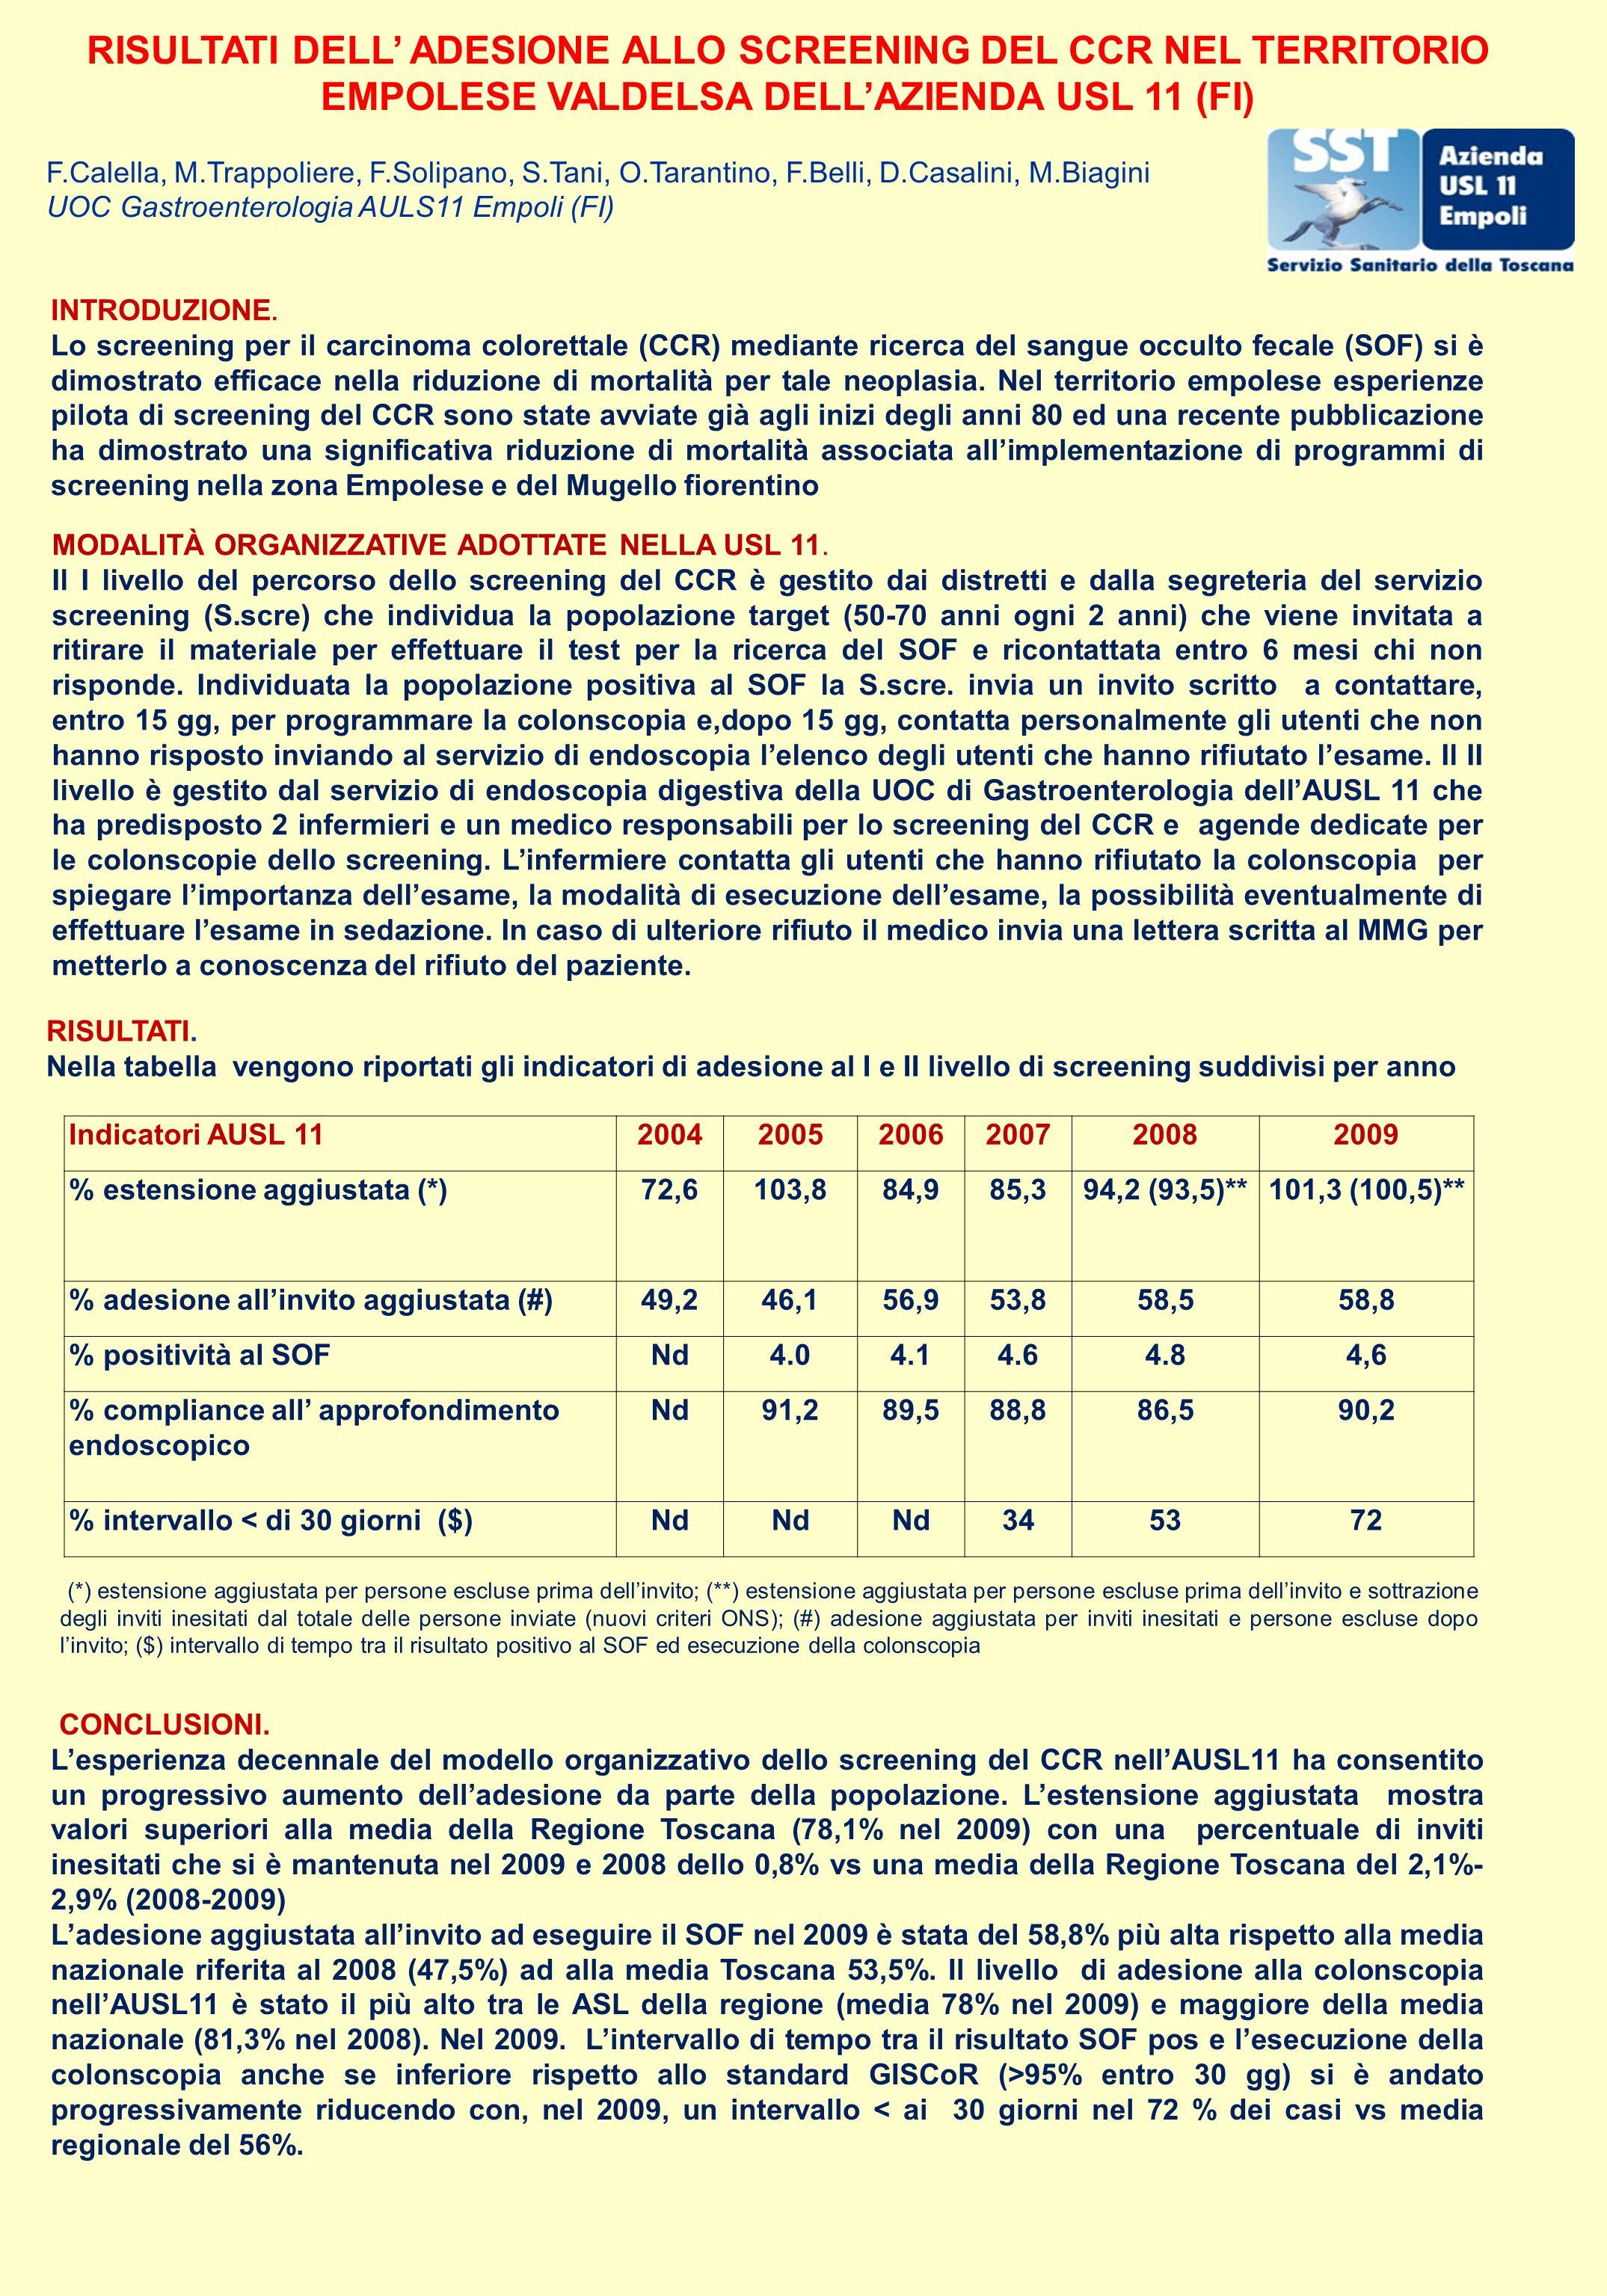 RISULTATI DELL ADESIONE ALLO SCREENING DEL CCR NEL TERRITORIO EMPOLESE VALDELSA DELLAZIENDA USL 11 (FI) F.Calella, M.Trappoliere, F.Solipano, S.Tani, O.Tarantino, F.Belli, D.Casalini, M.Biagini UOC Gastroenterologia AULS11 Empoli (FI) INTRODUZIONE.